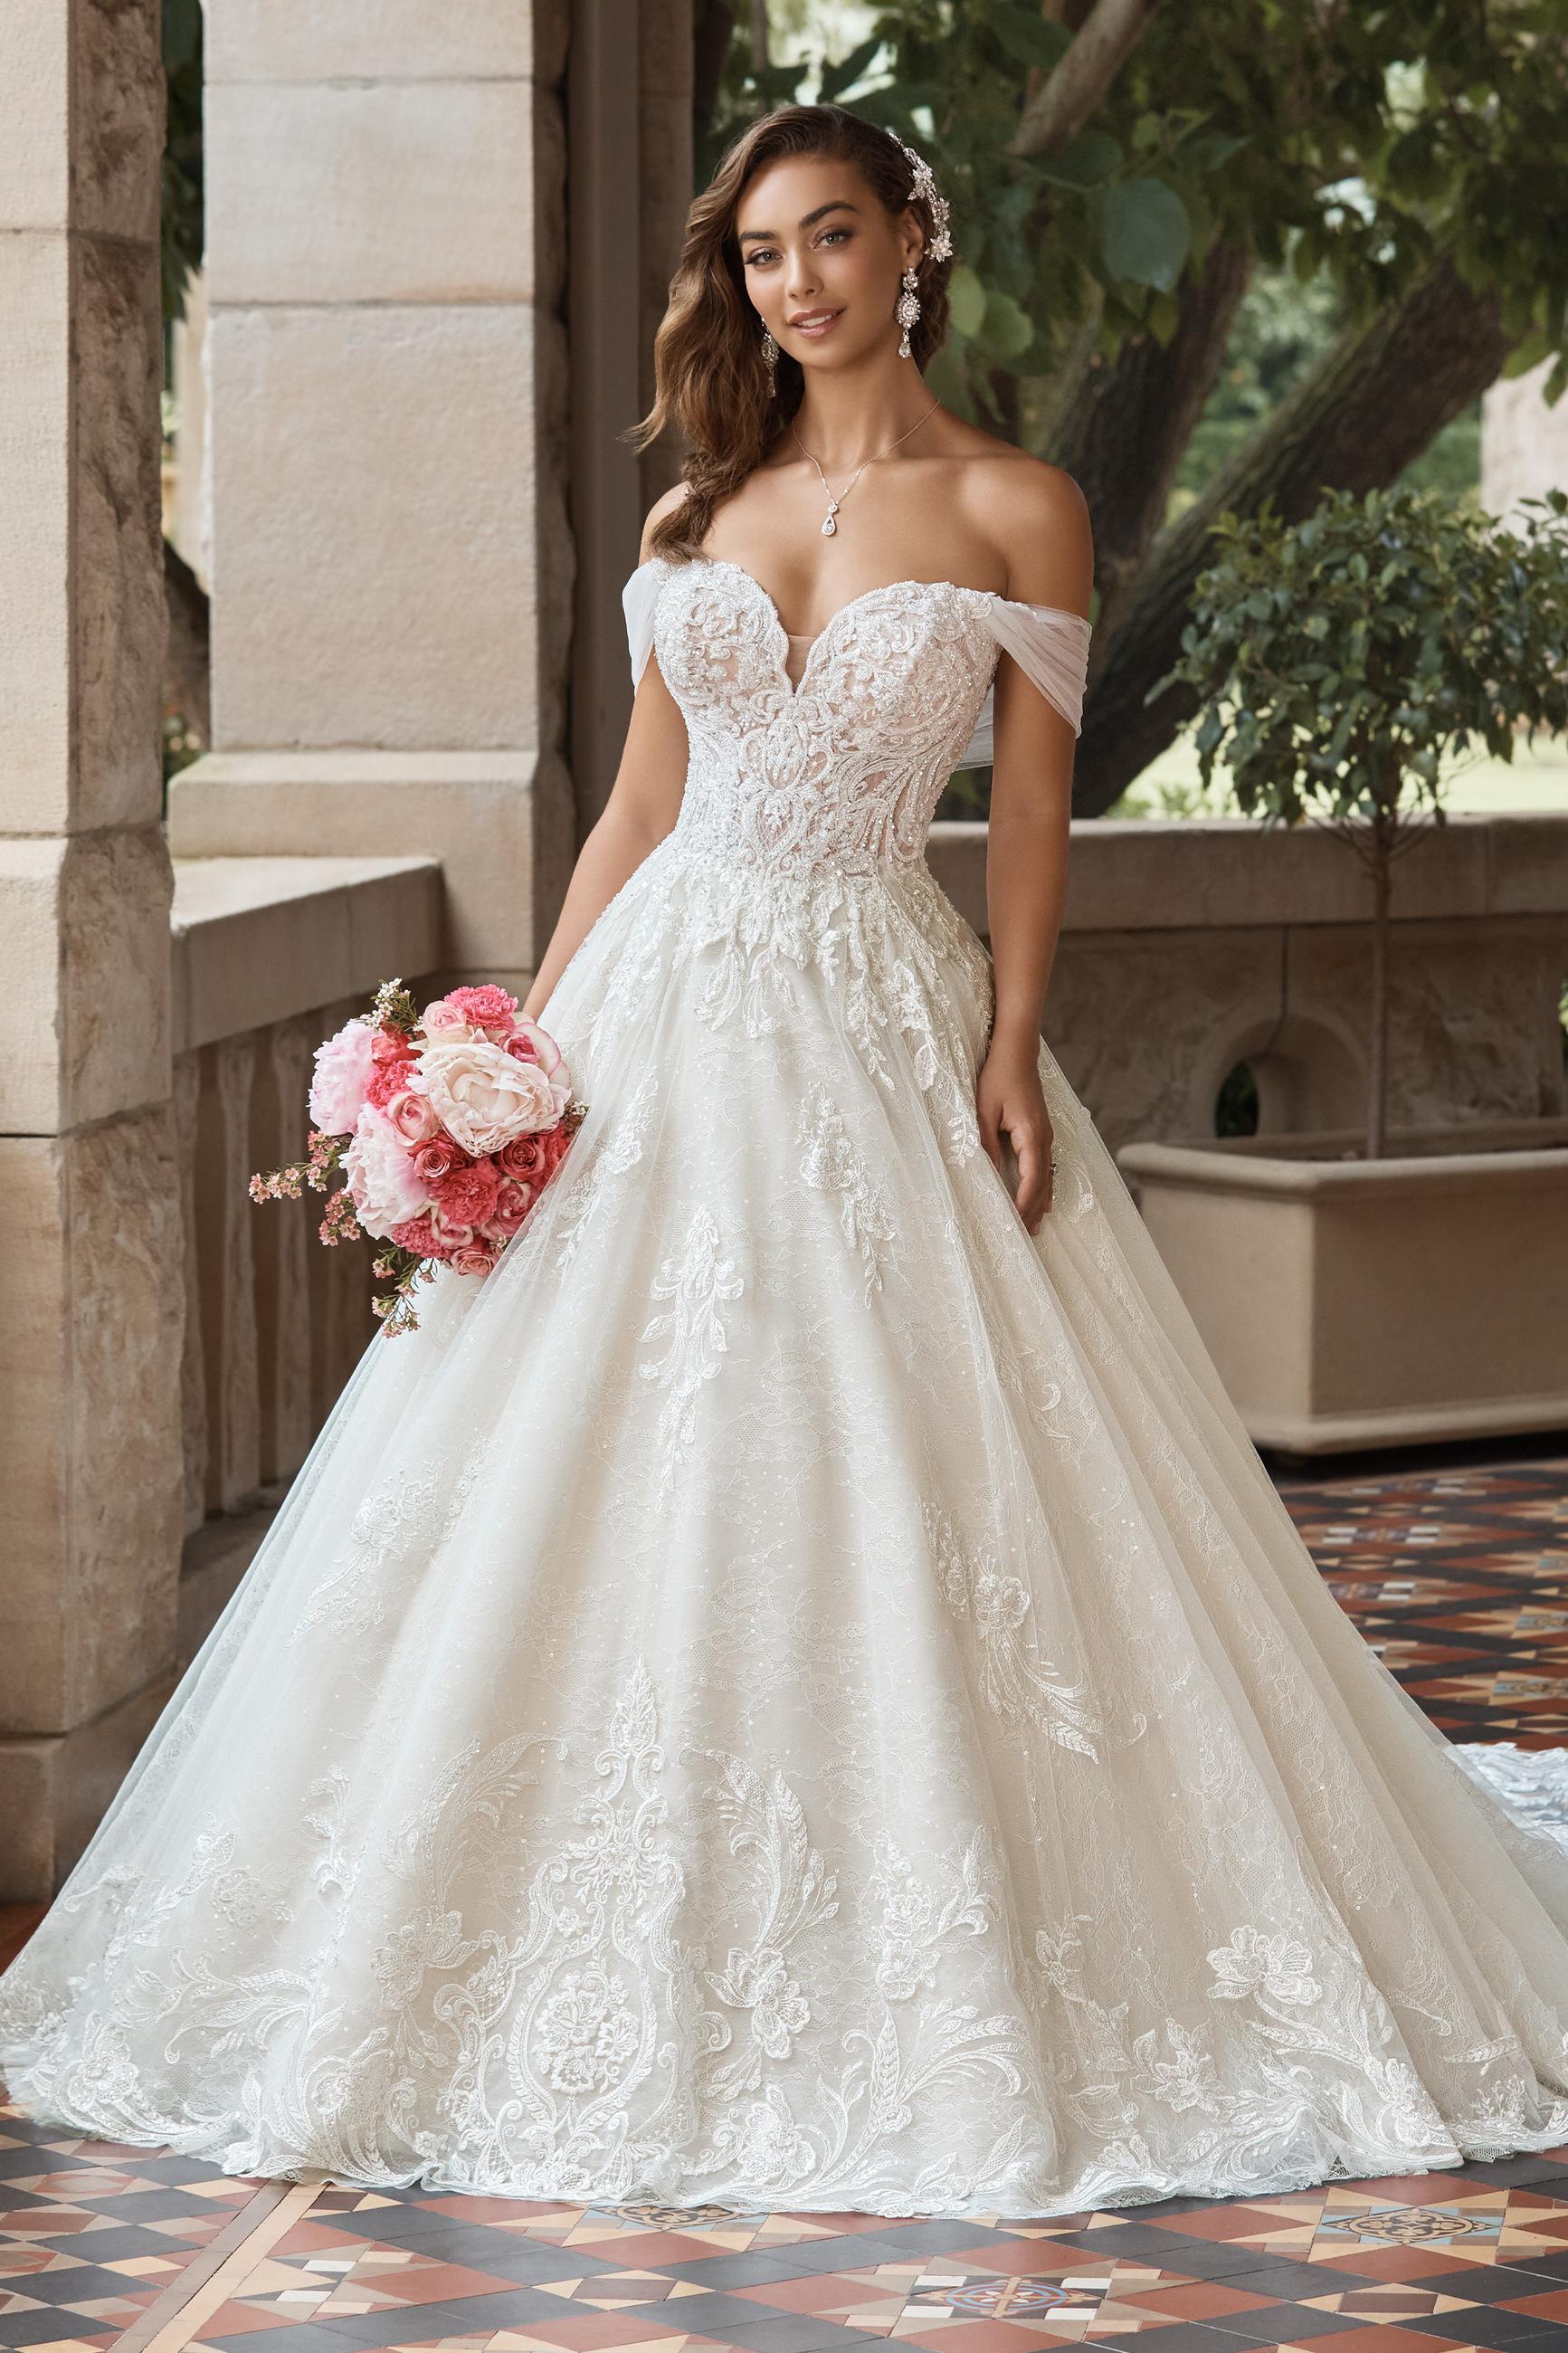 Sweetheart Wedding Dresses Sophia Tolli